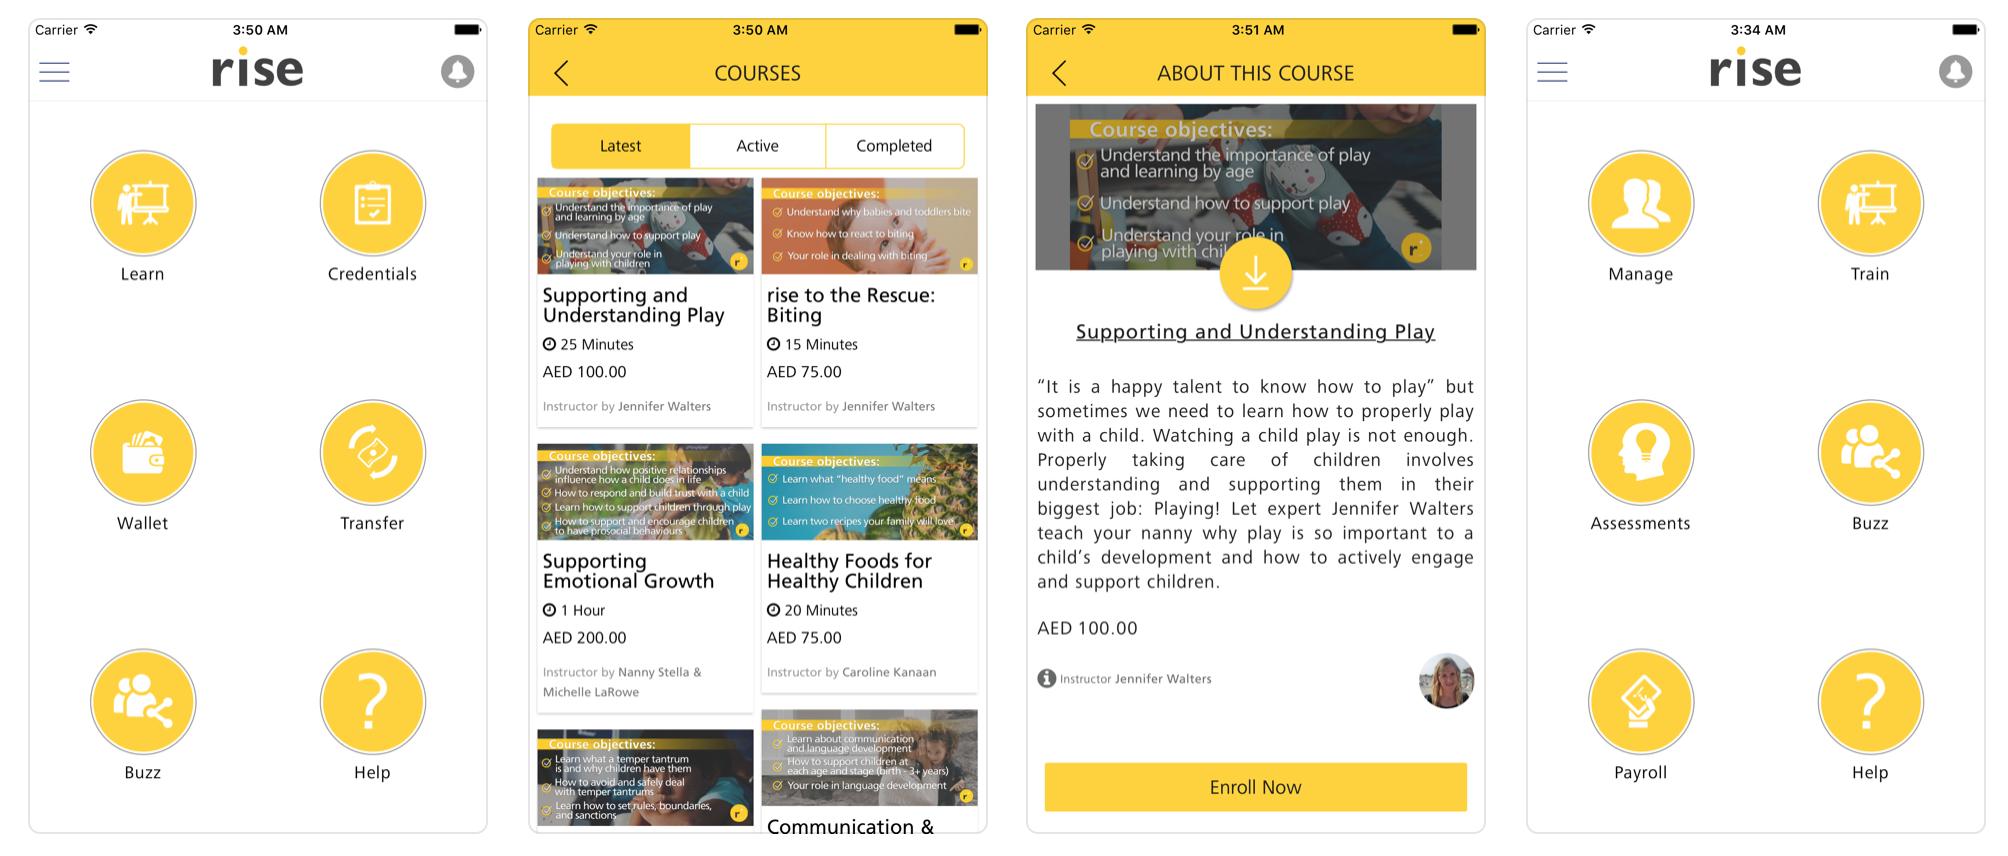 Rise iOS app screenshots, App Store